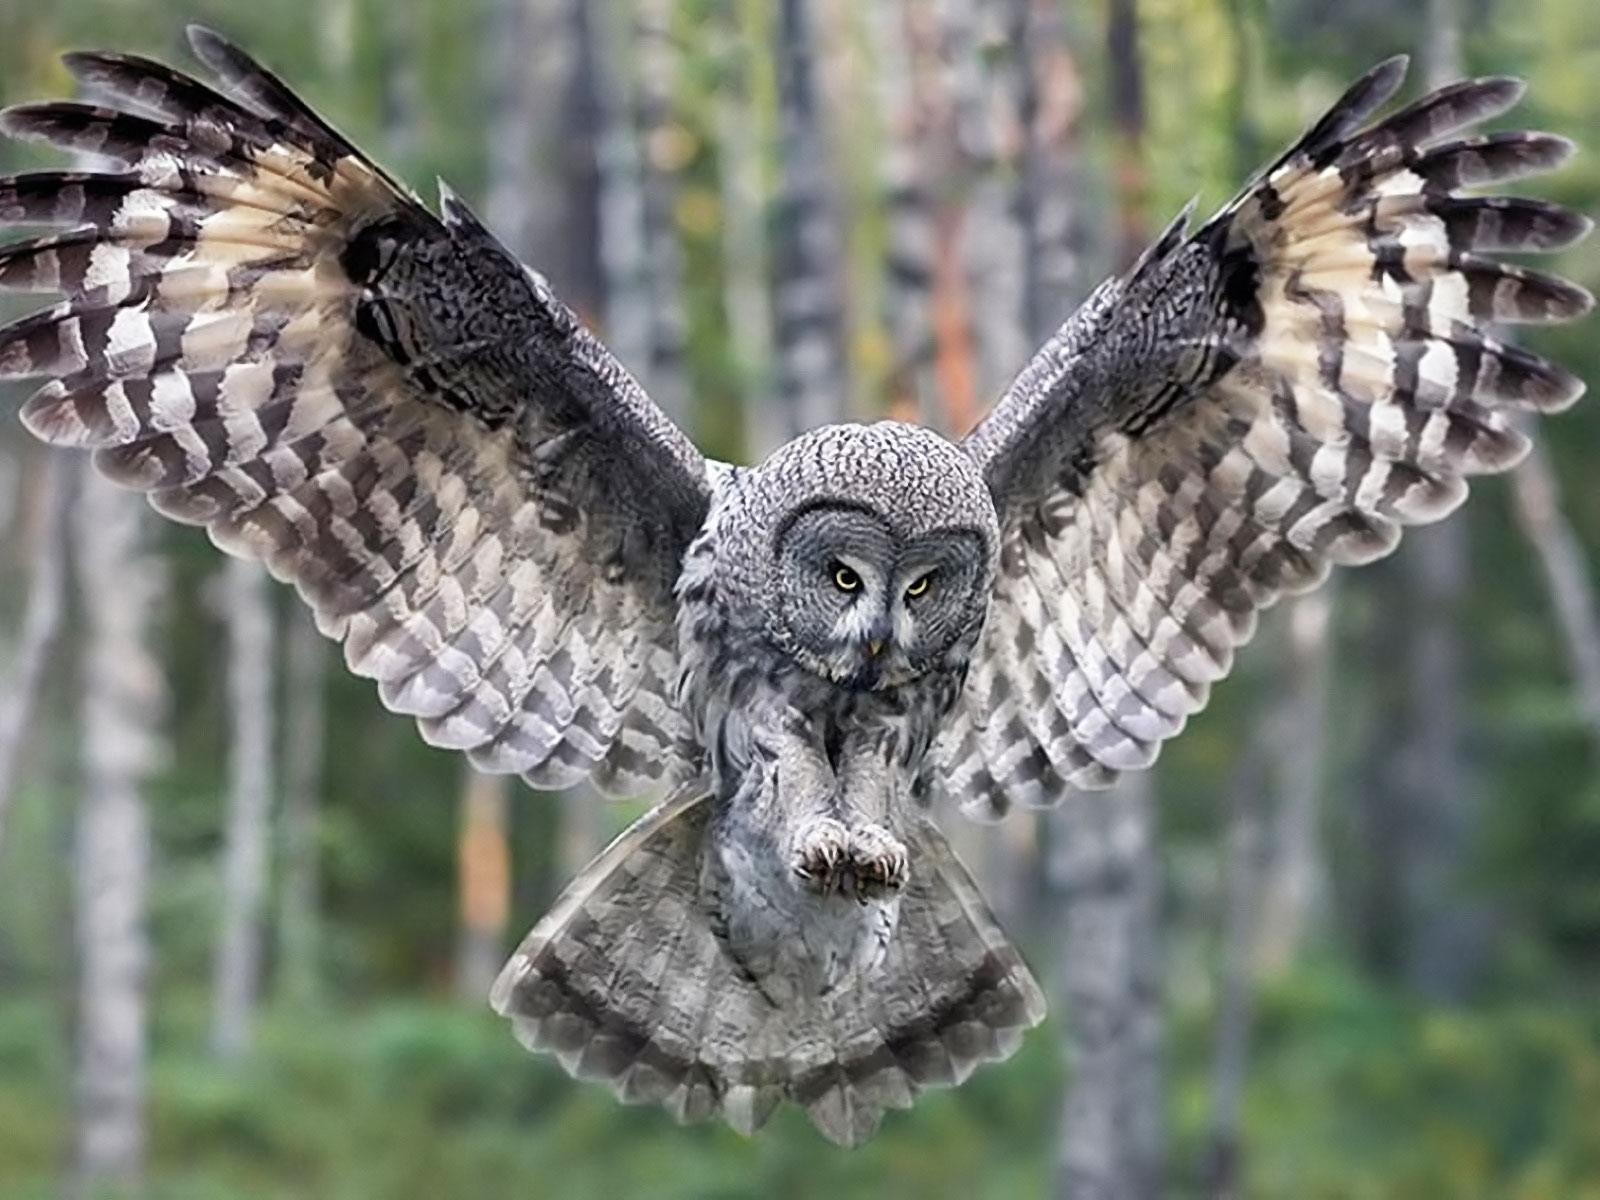 The Animal Burung Hantu